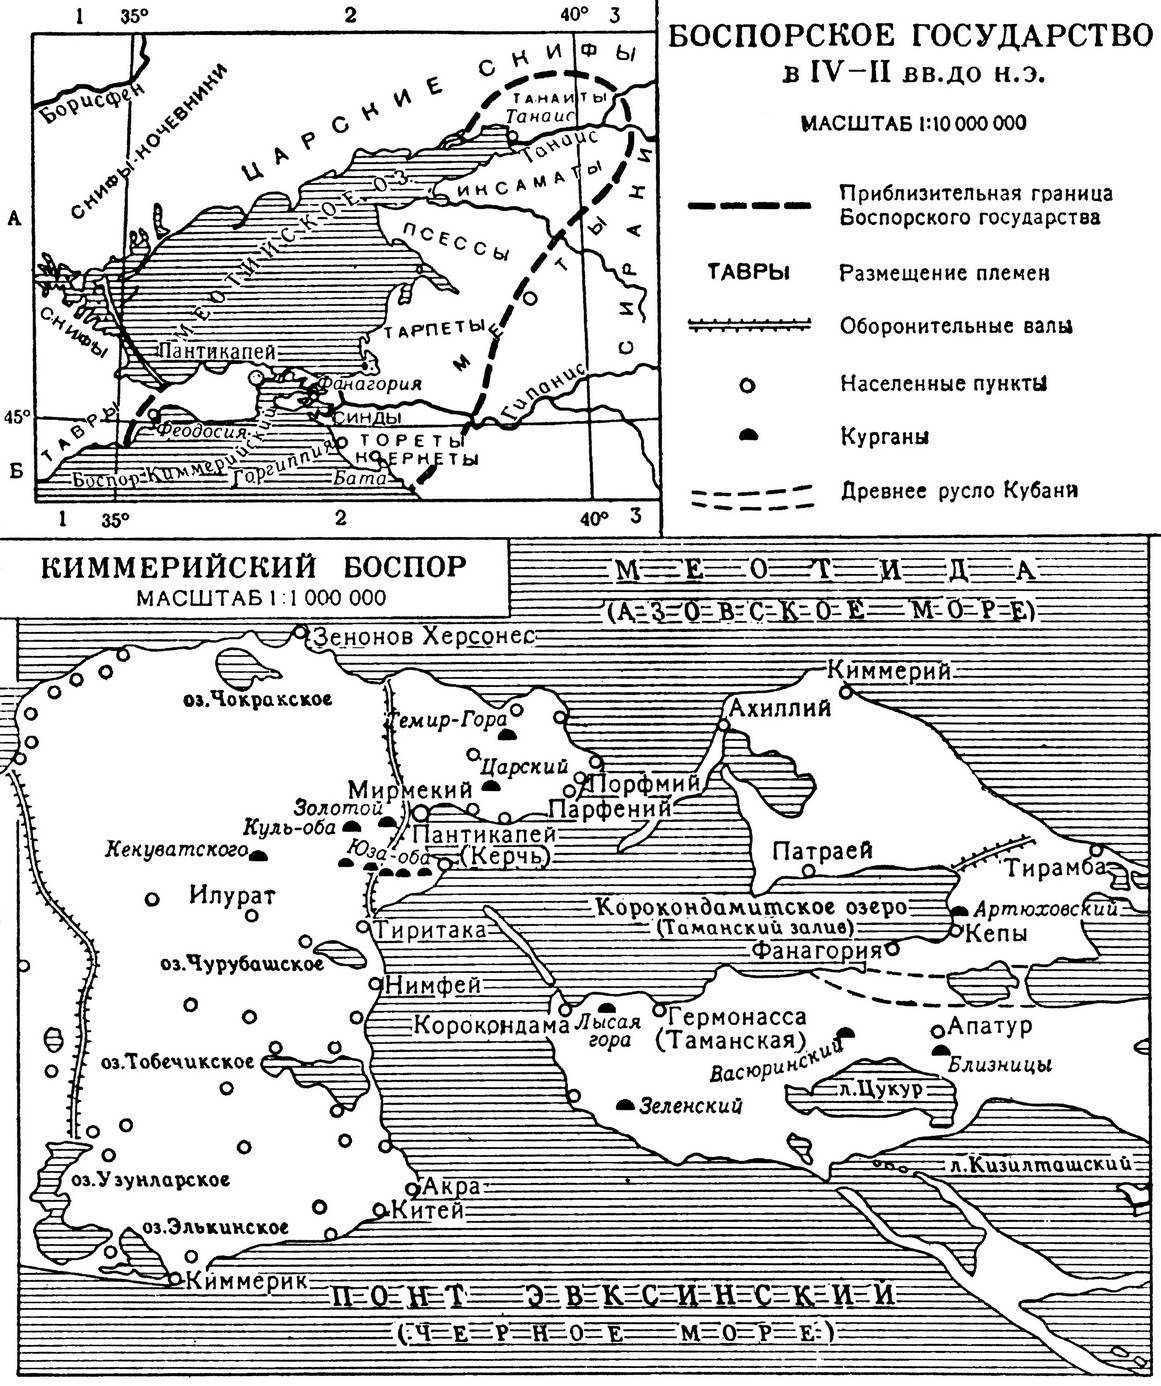 сельские поселения боспорского царства картинки русский